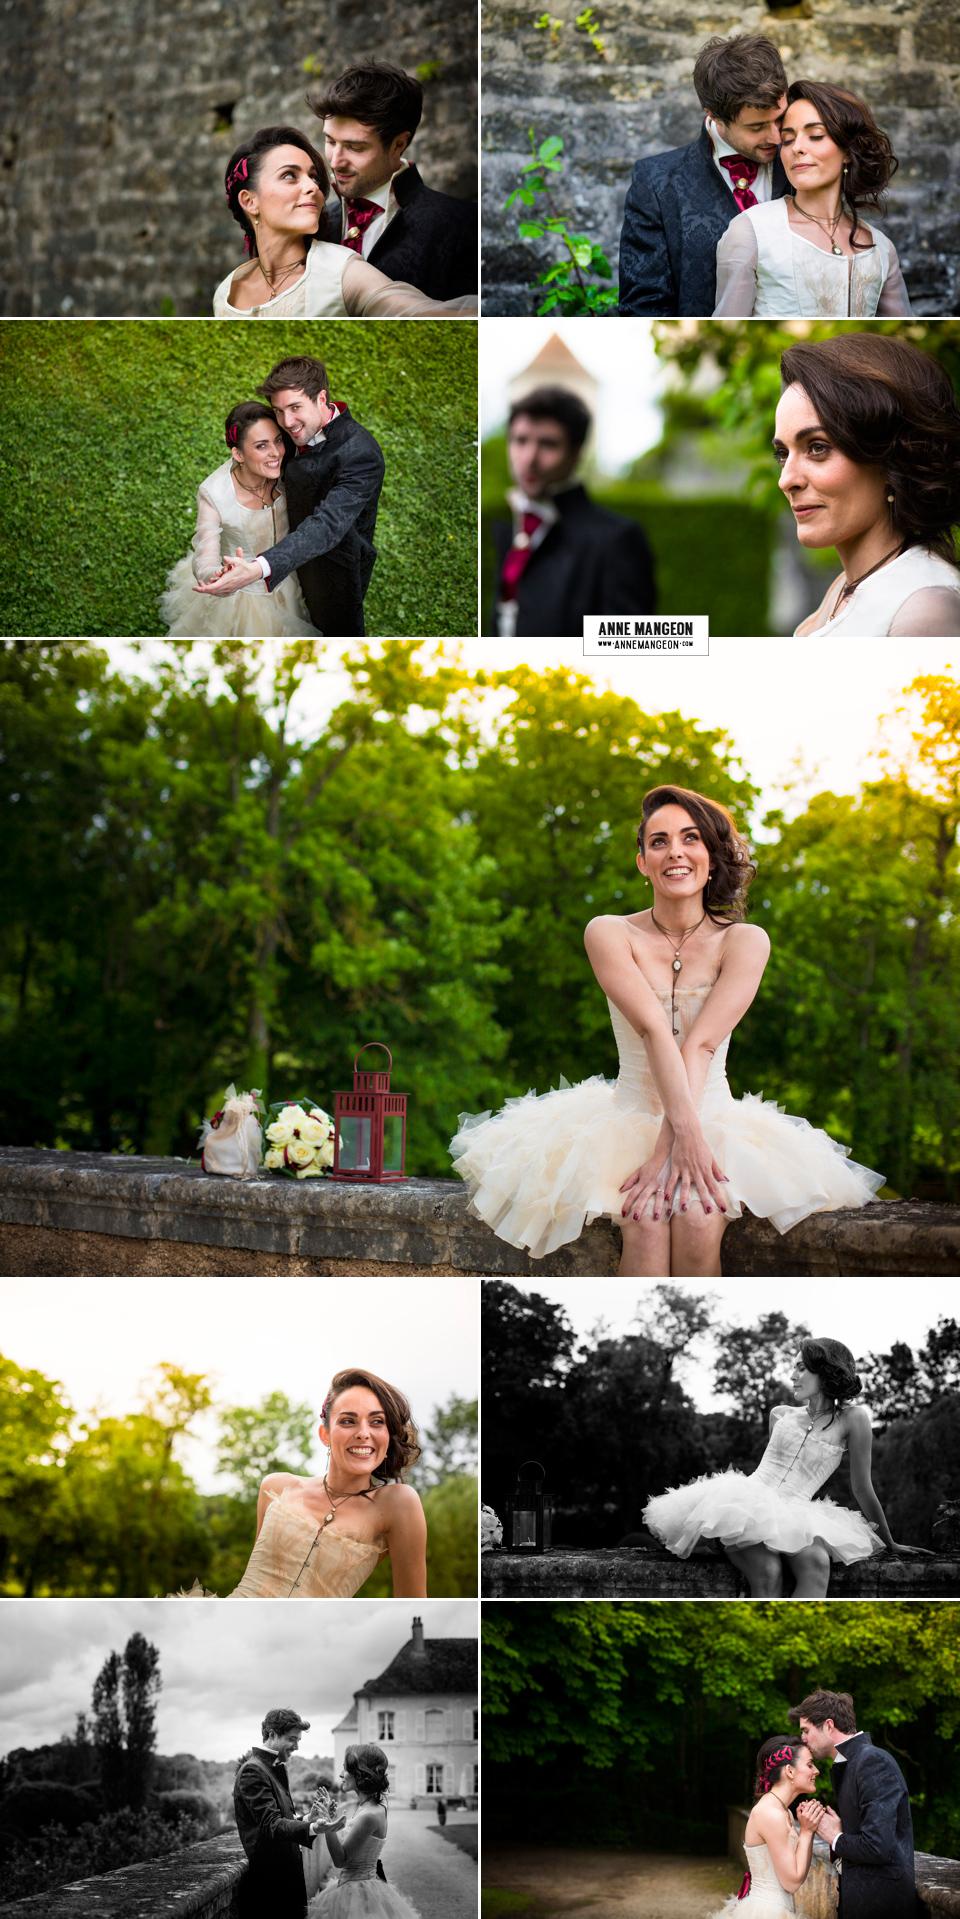 mariage laic chateau autigny la tour vosges 04 - Mariage Laic